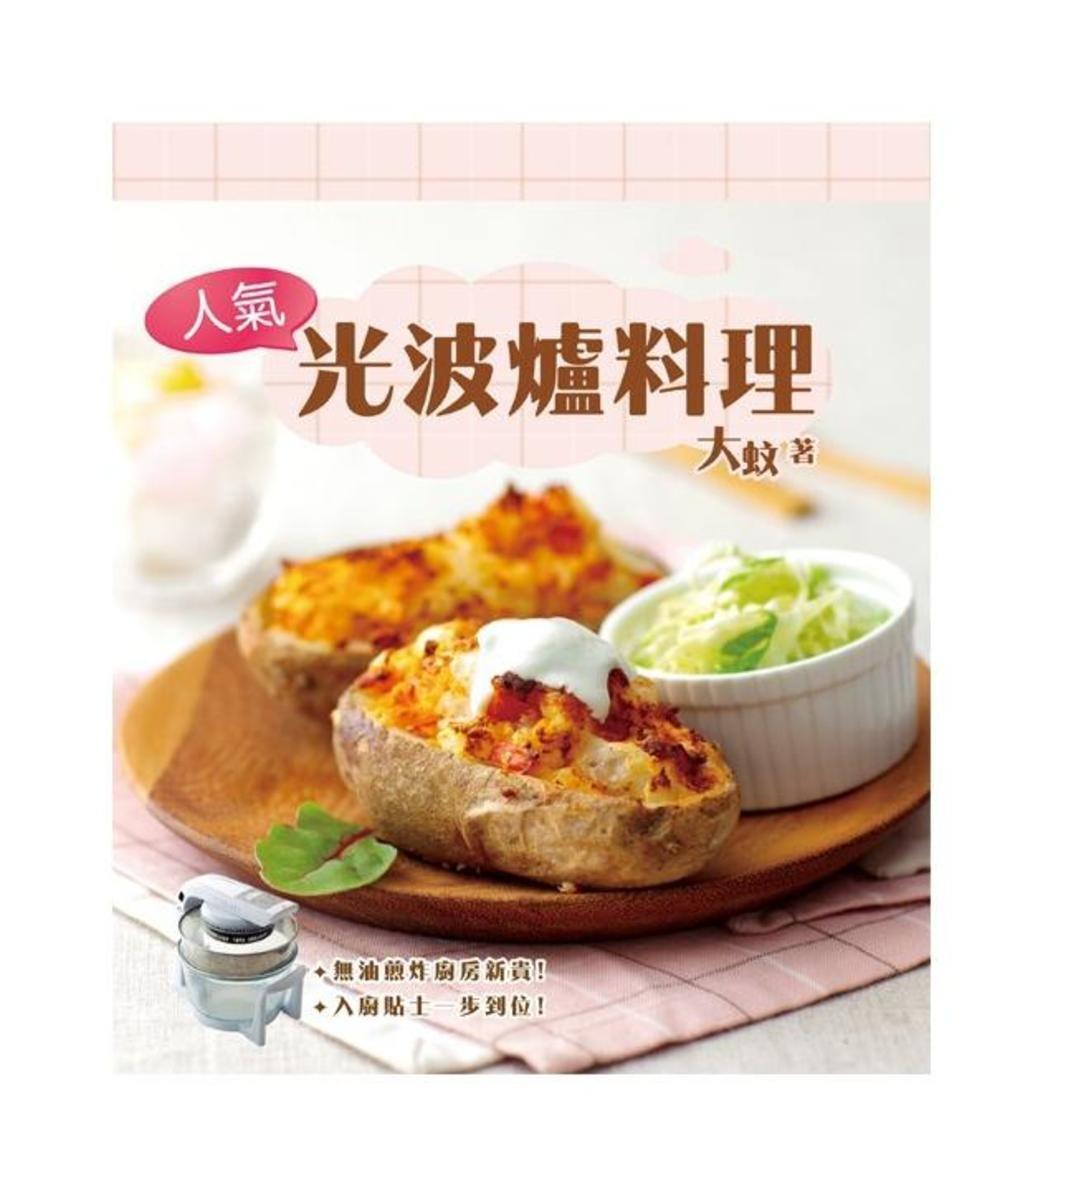 《人氣光波爐料理》烹飪書